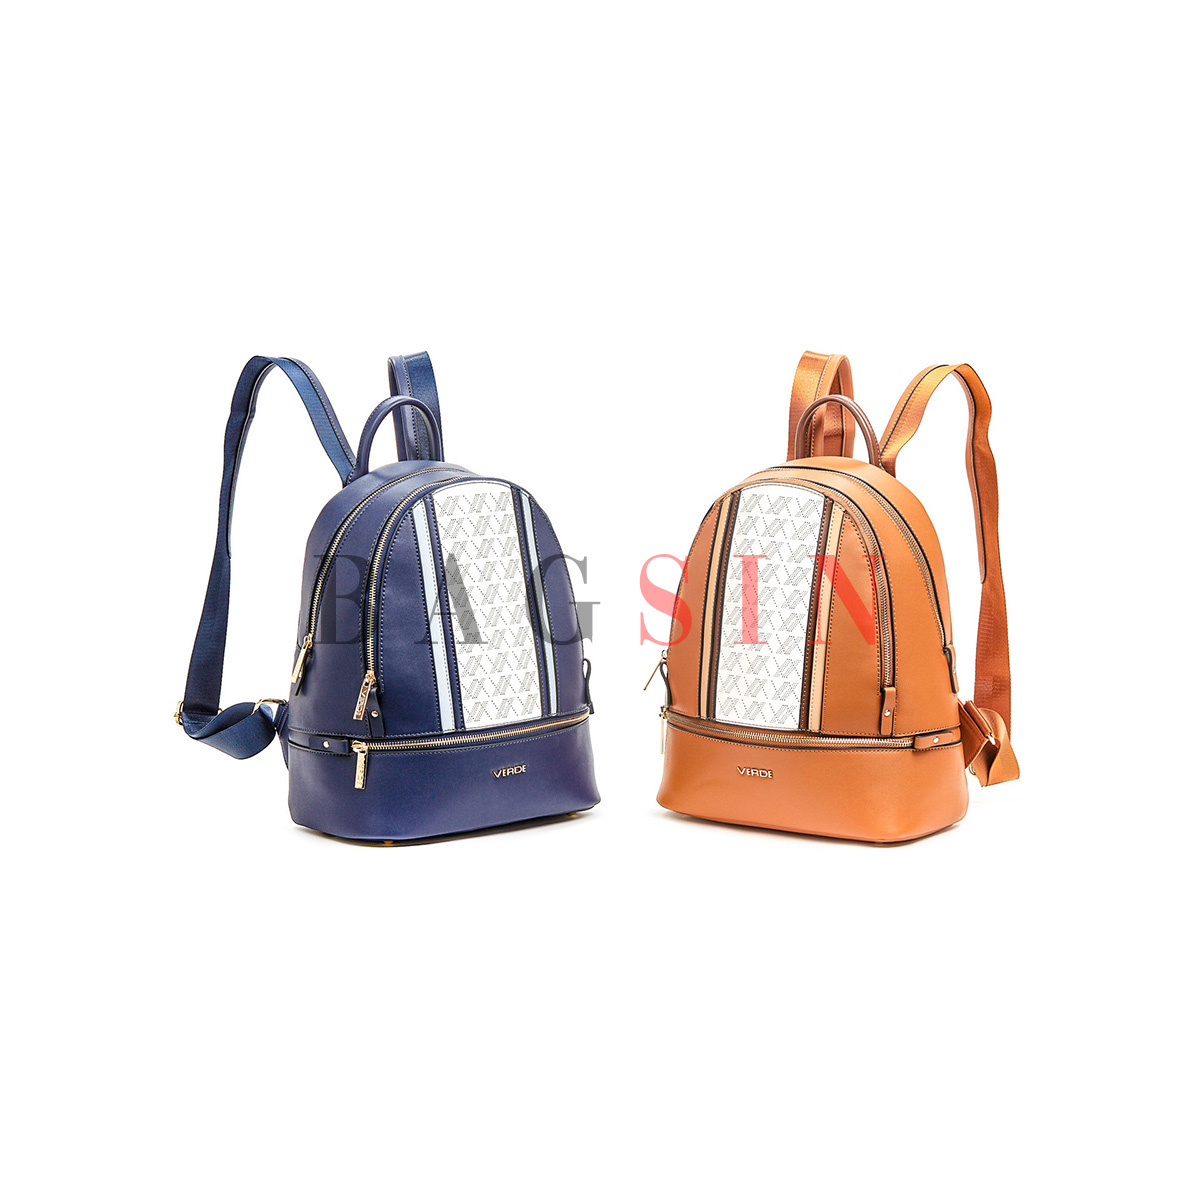 Σακίδιο Πλάτης Δίχωρο Με Διάτρητο Λογότυπο Verde Backpack 16-6013